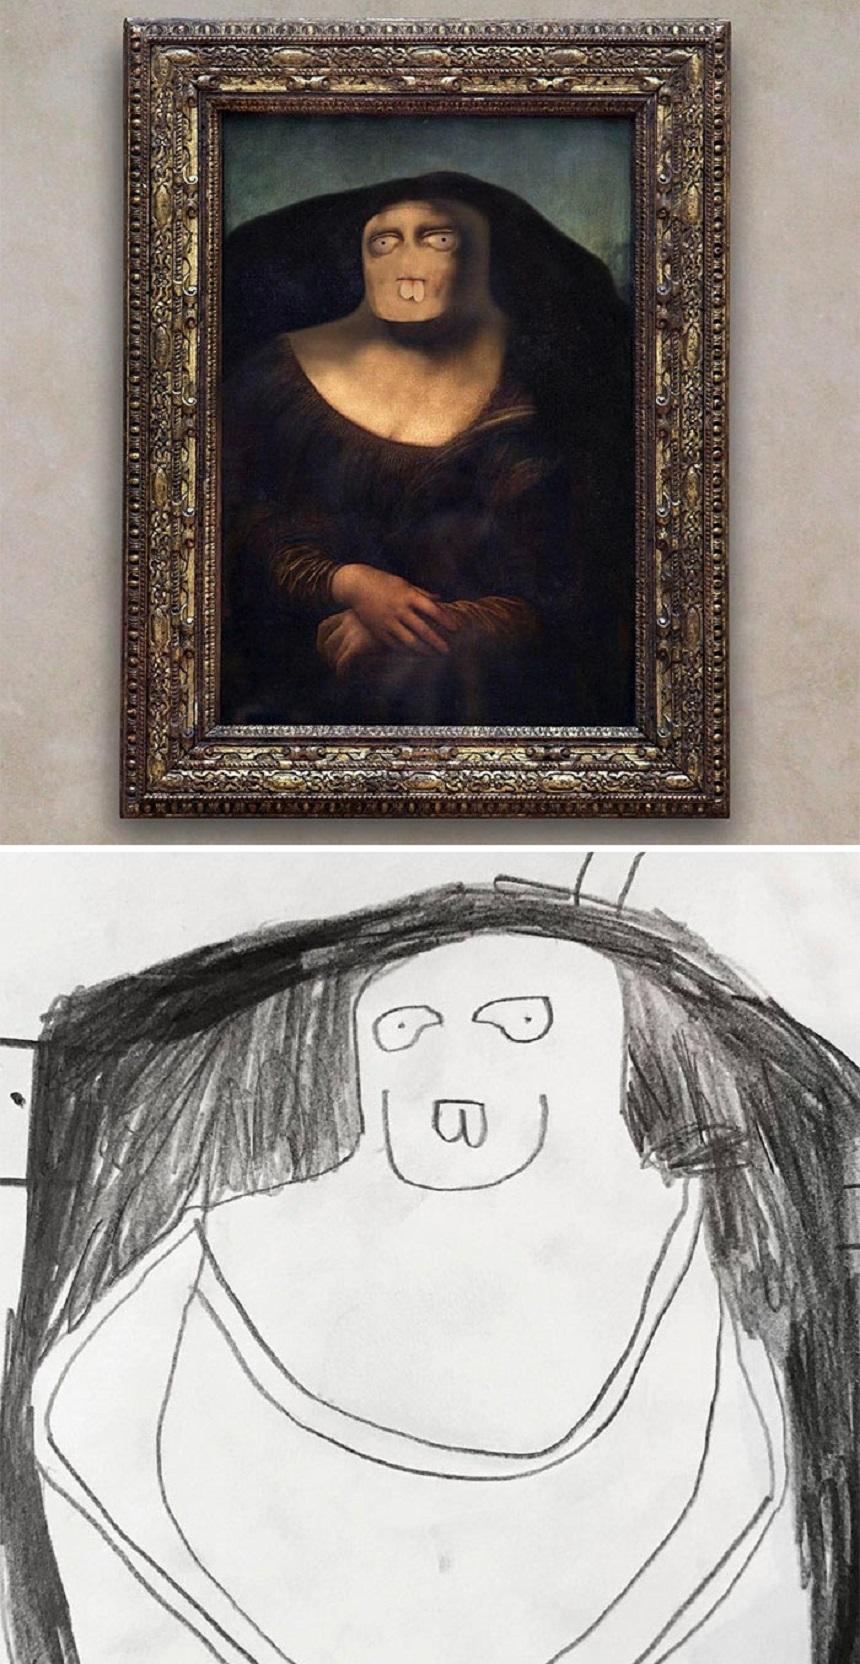 Dibujo de la Mona Lisa